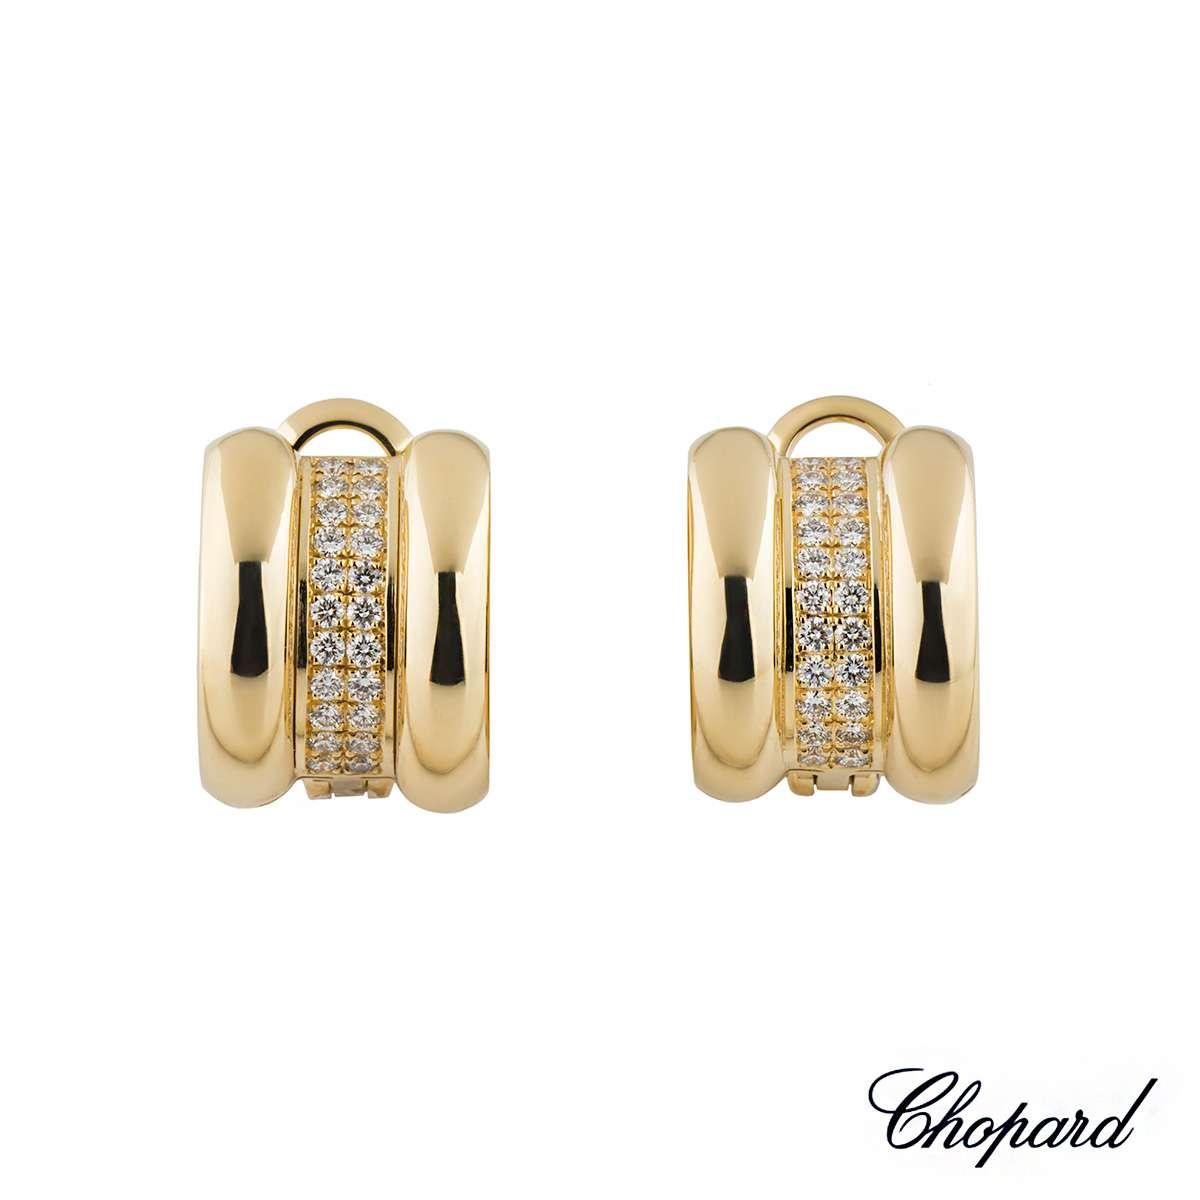 Chopard La Strada Diamond Earrings 6435-41